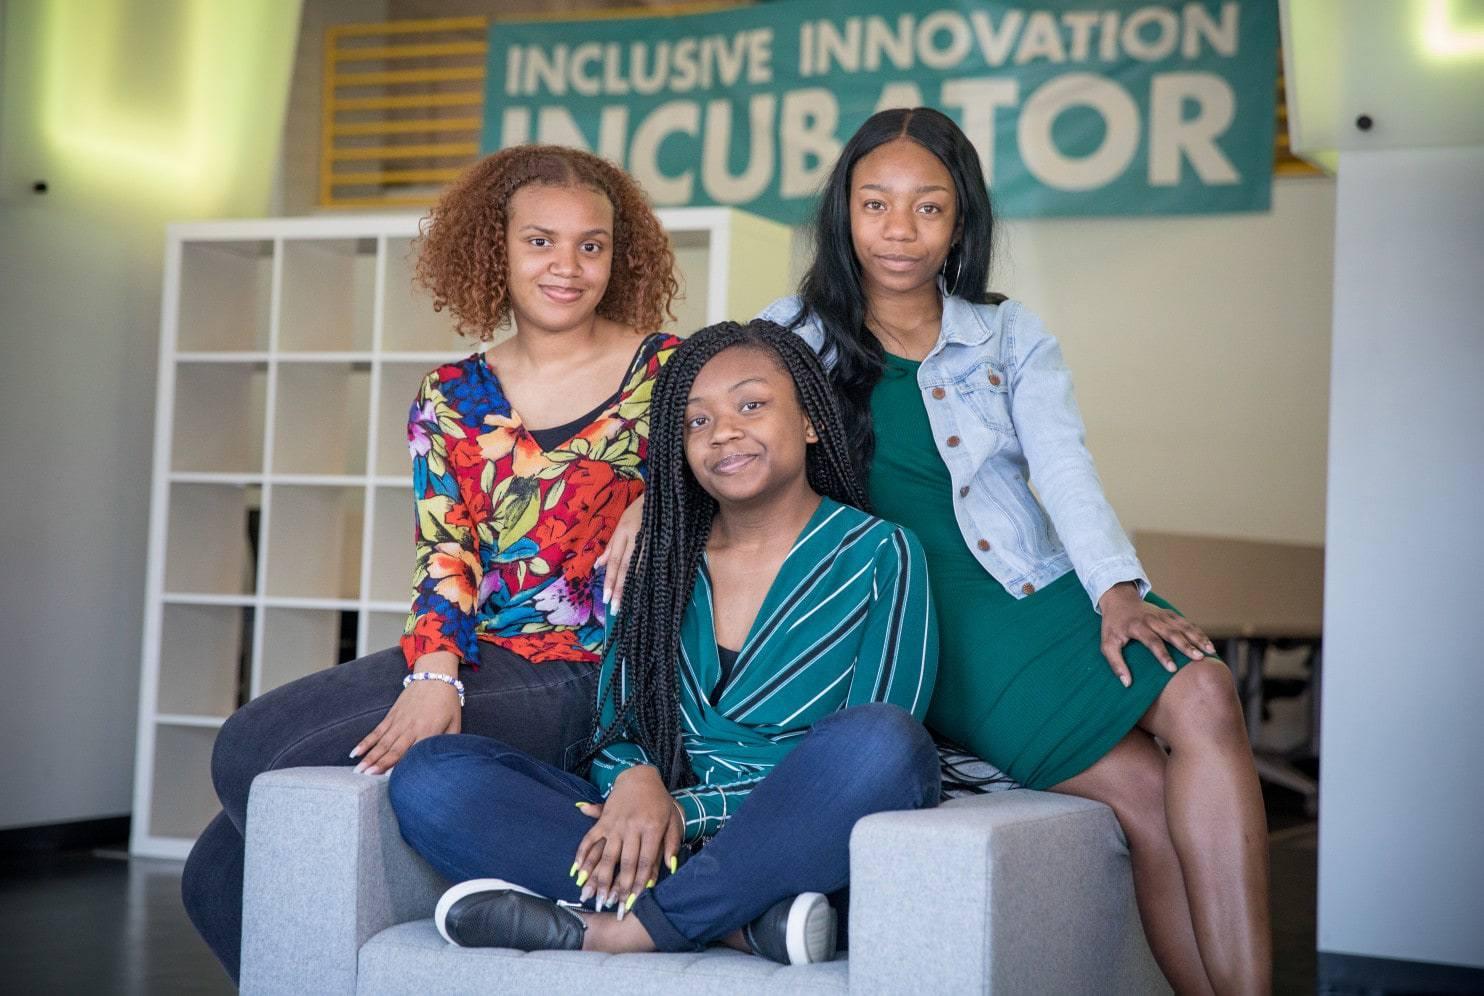 Sabotage: une compétition de la NASA visée pour empêcher la victoire de jeunes femmes noires